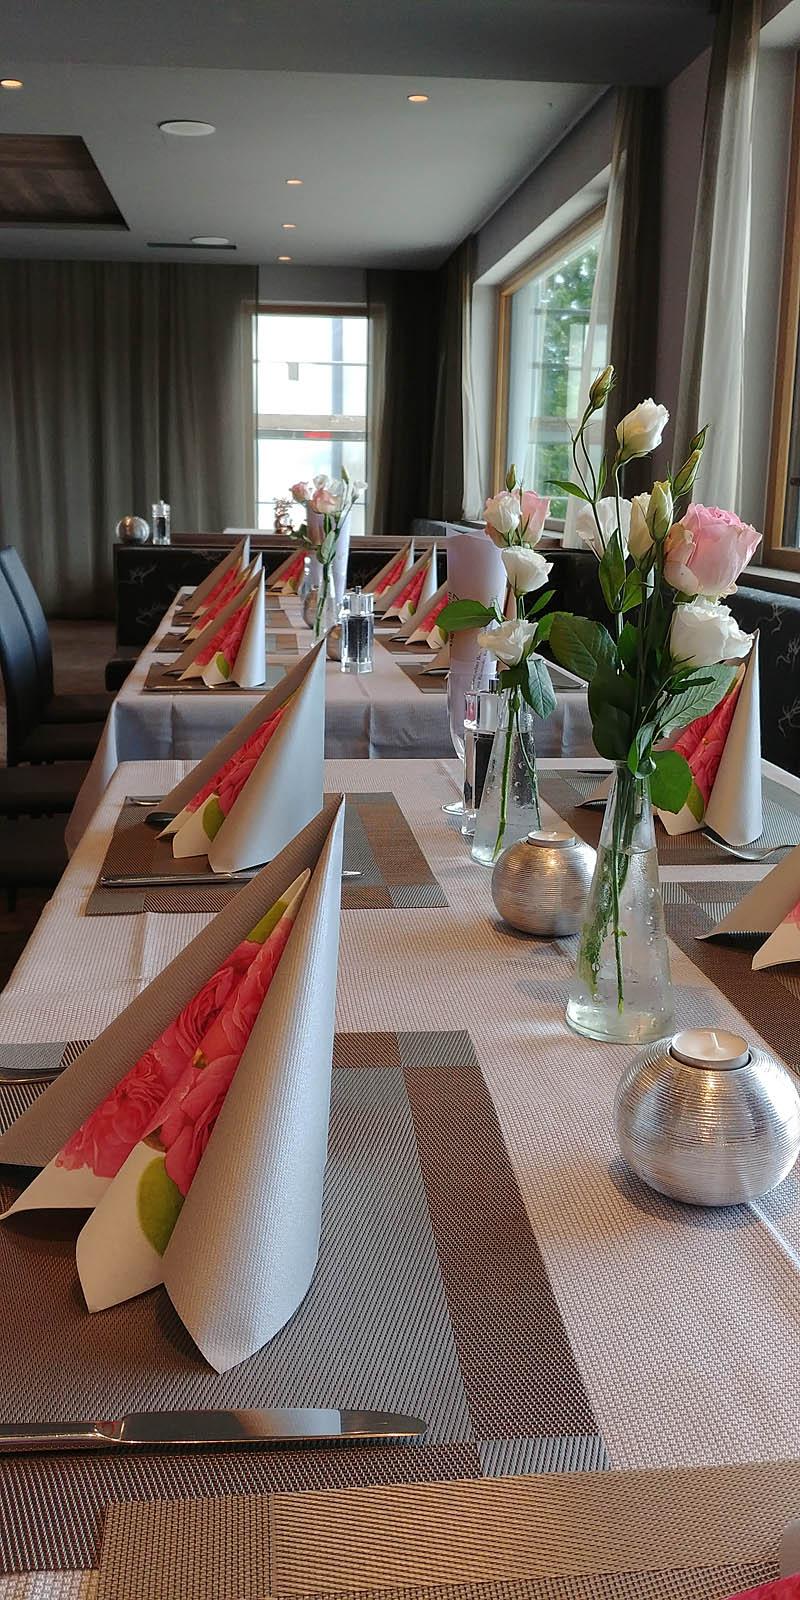 das neue Restaurant unseres 4 Sterne Wellnesshotel im Bayerischen Wald